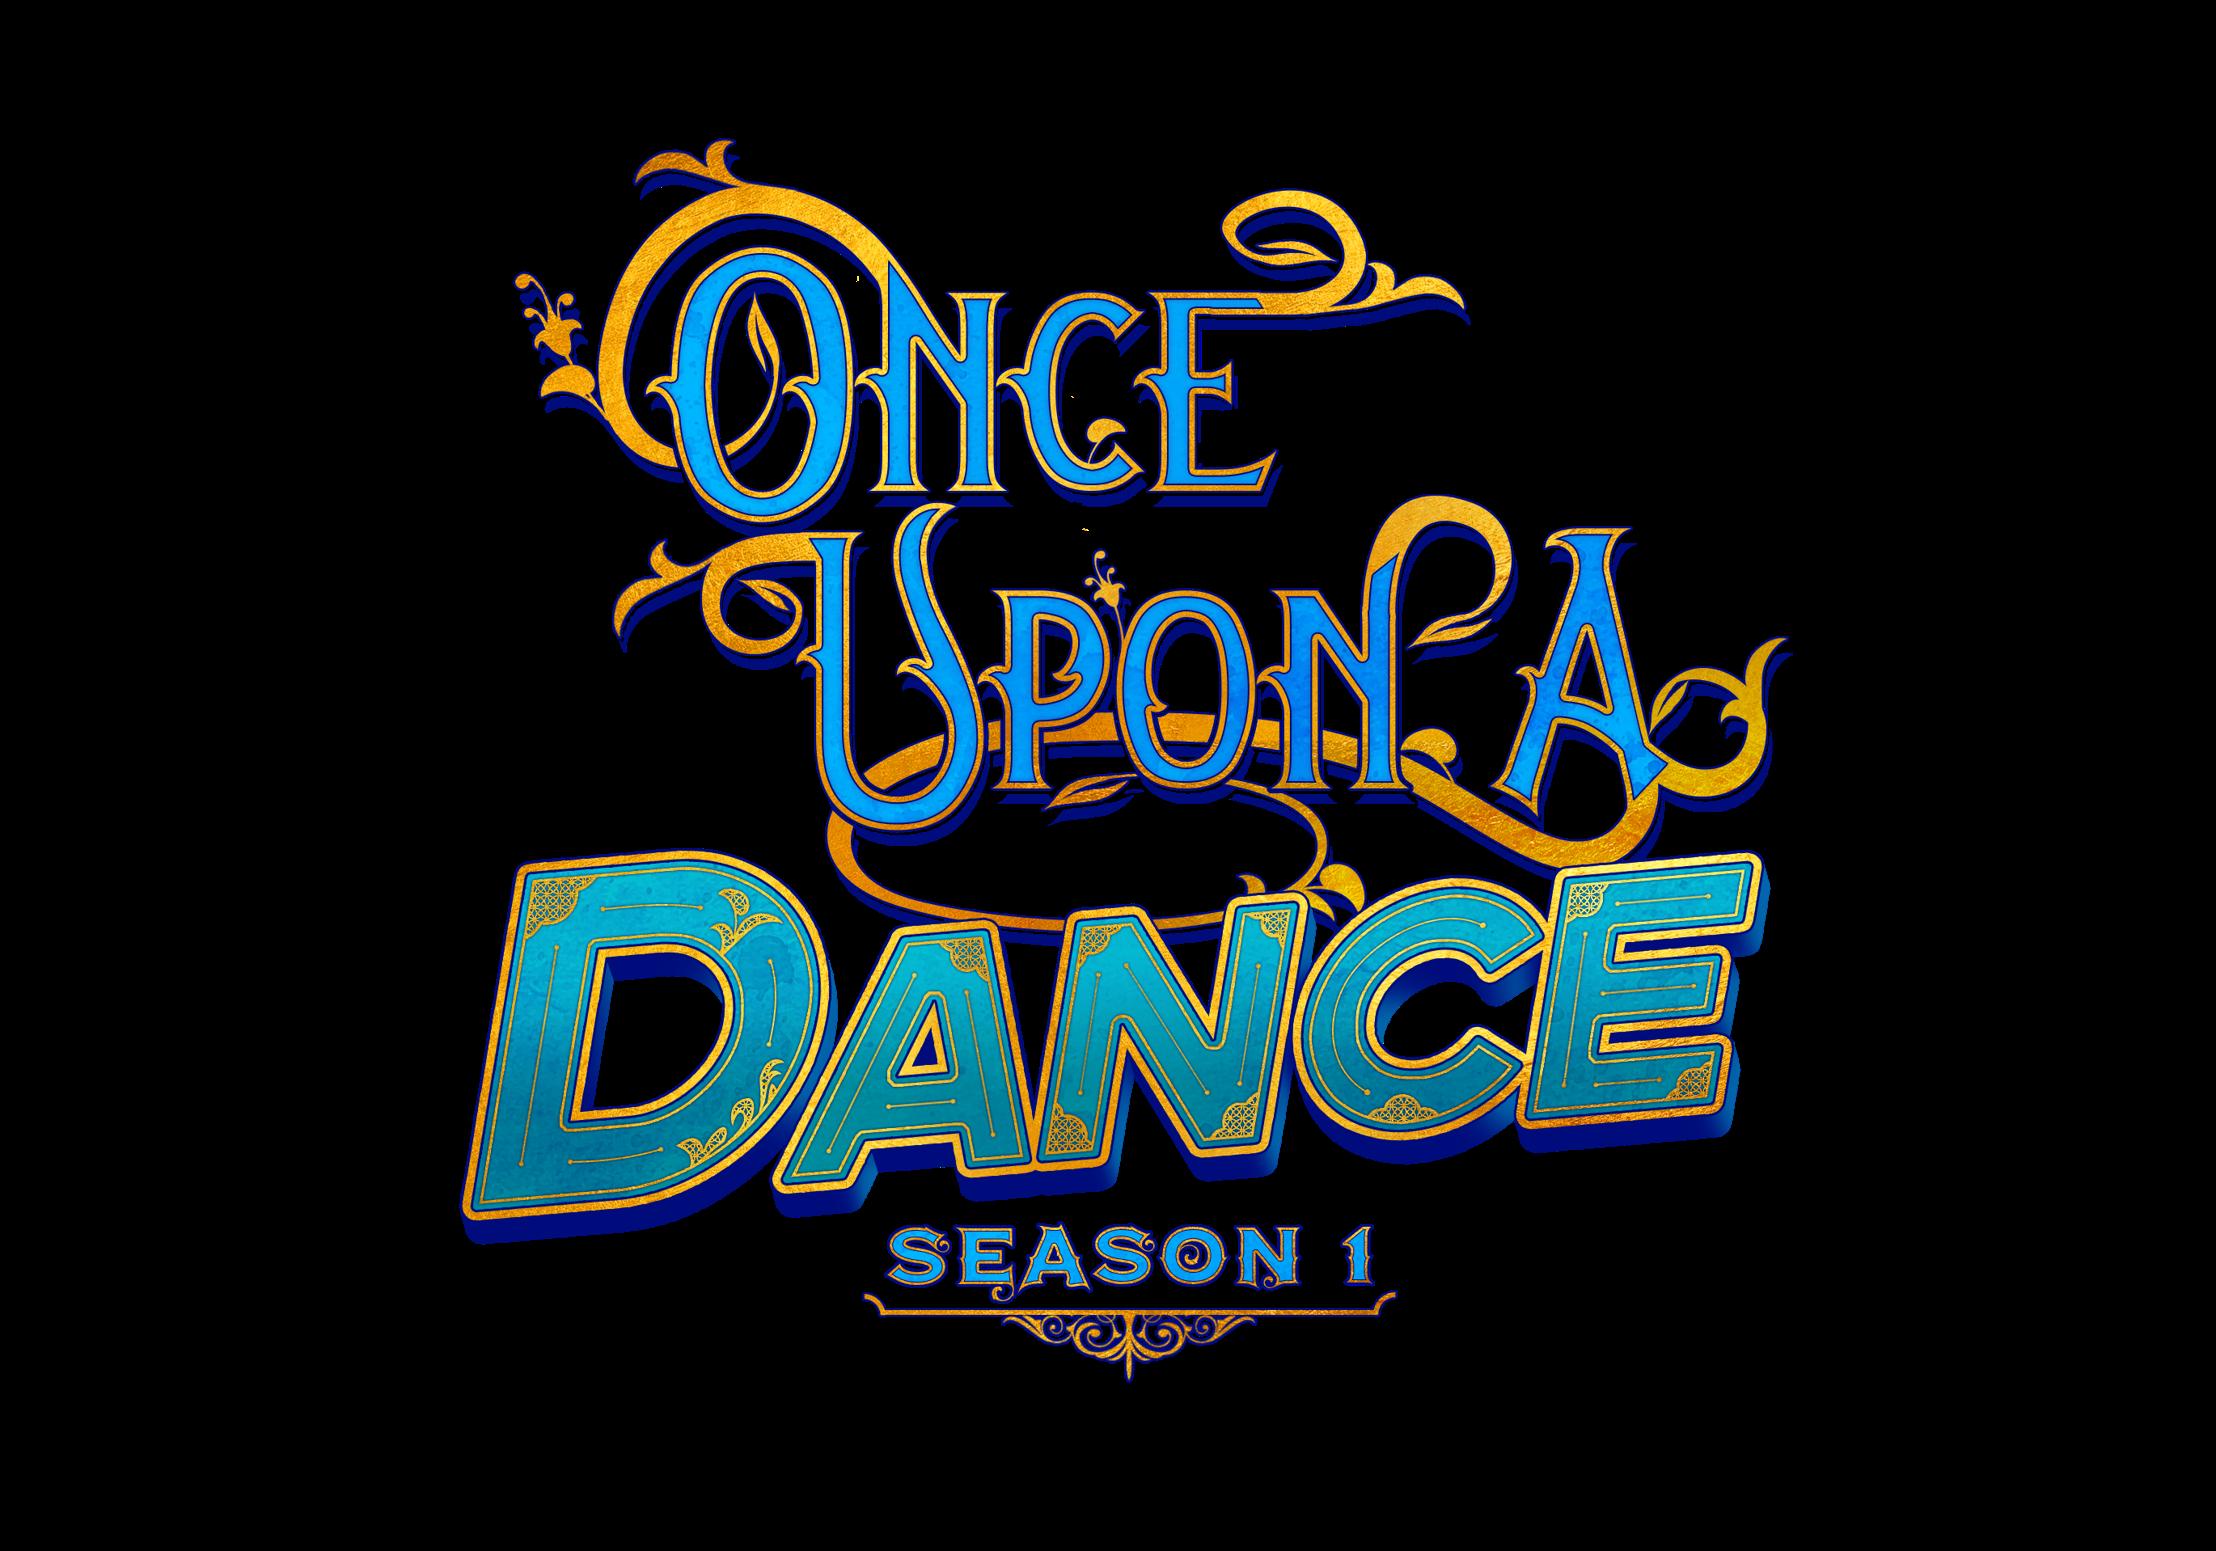 """Preview: JUST DANCE® 2021 BRINGT EINE TANZENDE MÄRCHENGESCHICHTE MIT EINER NEUEN SEASON: """"ONCE UPON A DANCE"""""""